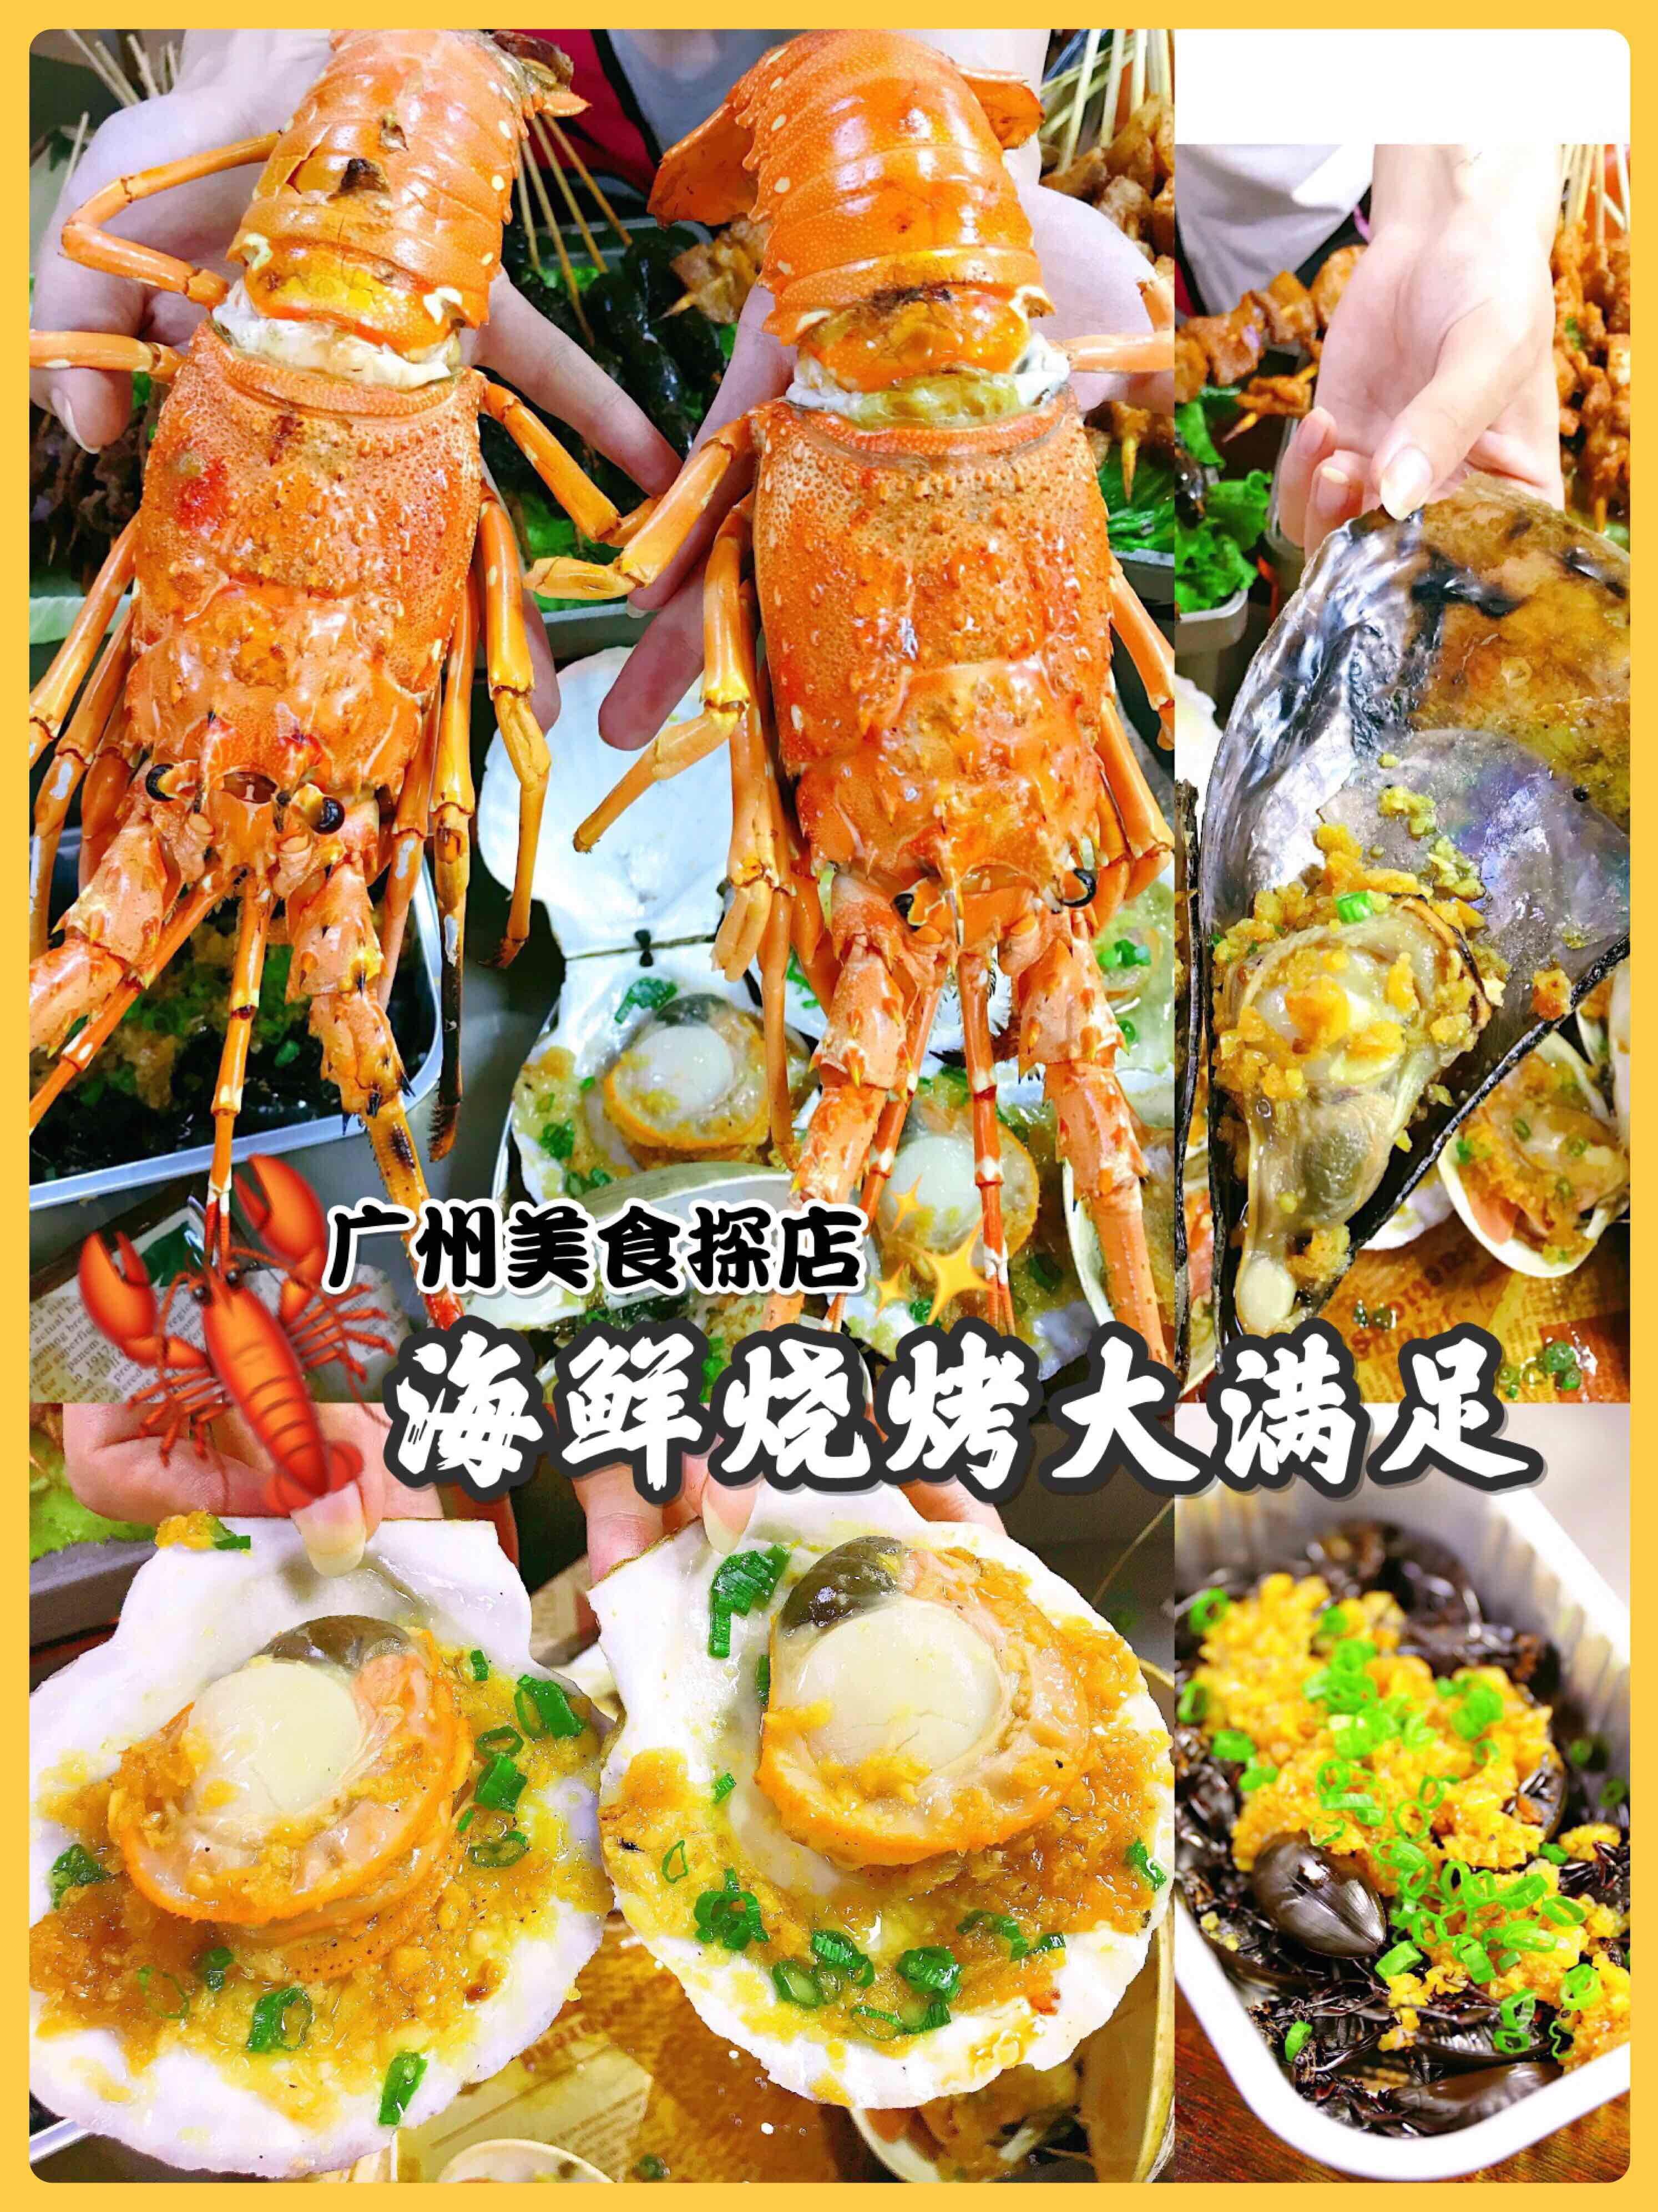 【广州探店】🔥首发🦞真香警告⚠️海鲜烧烤大满足‼️ 🔥